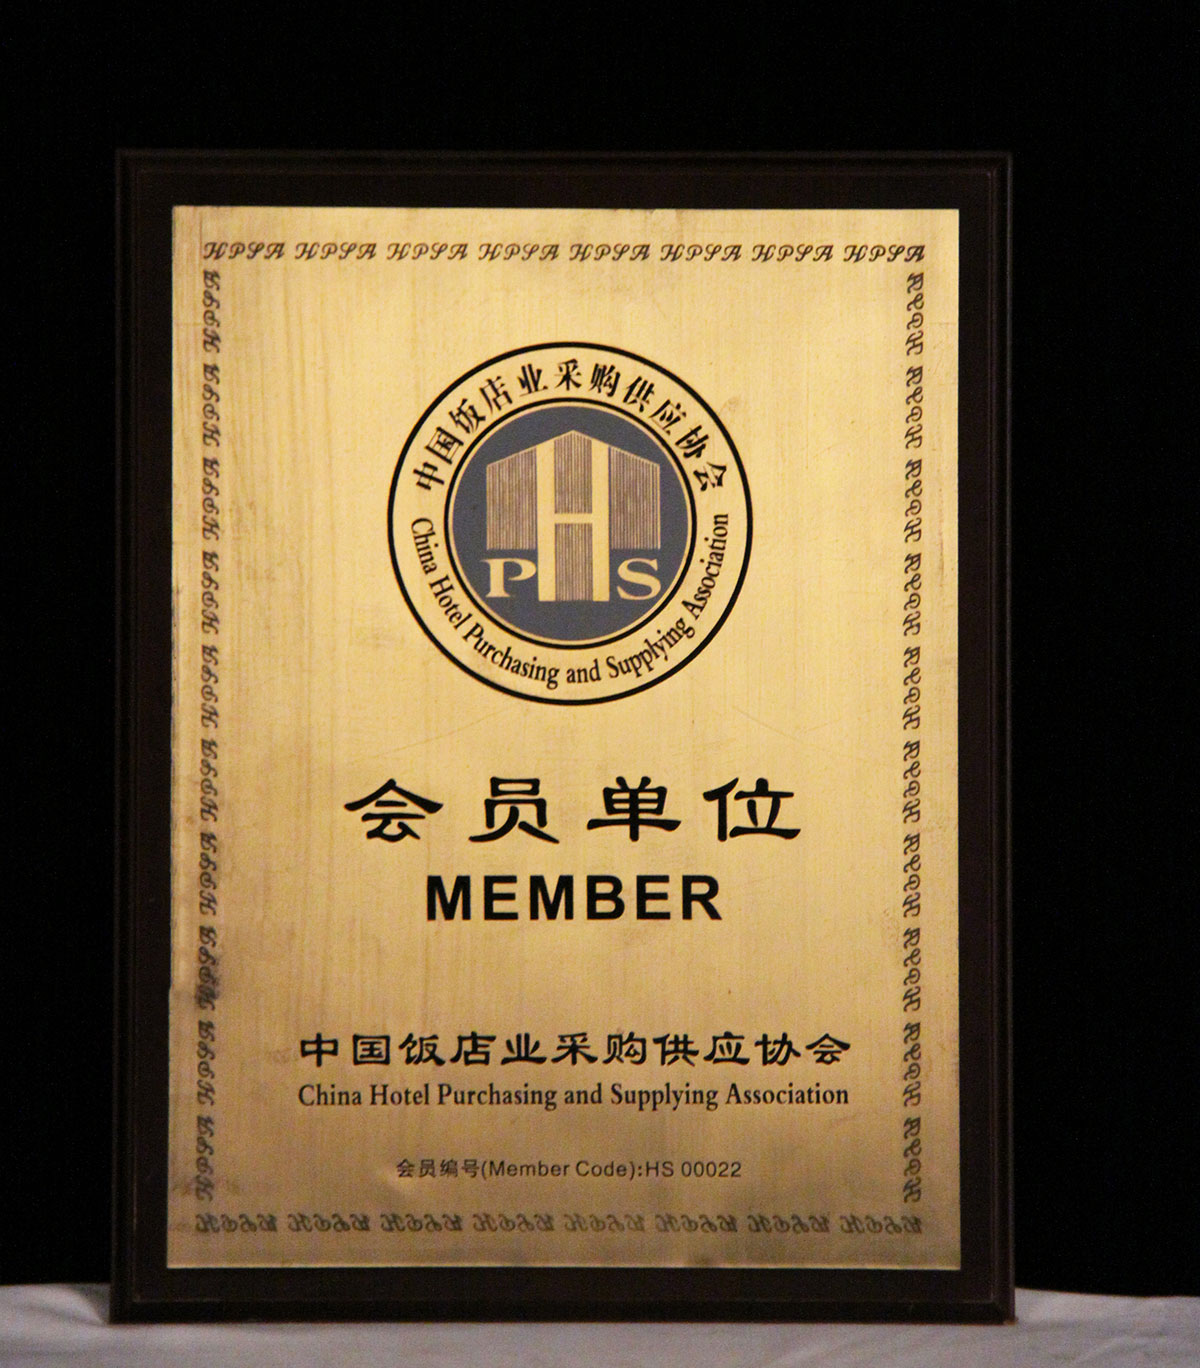 中国饭店业采购供应协会会员单位